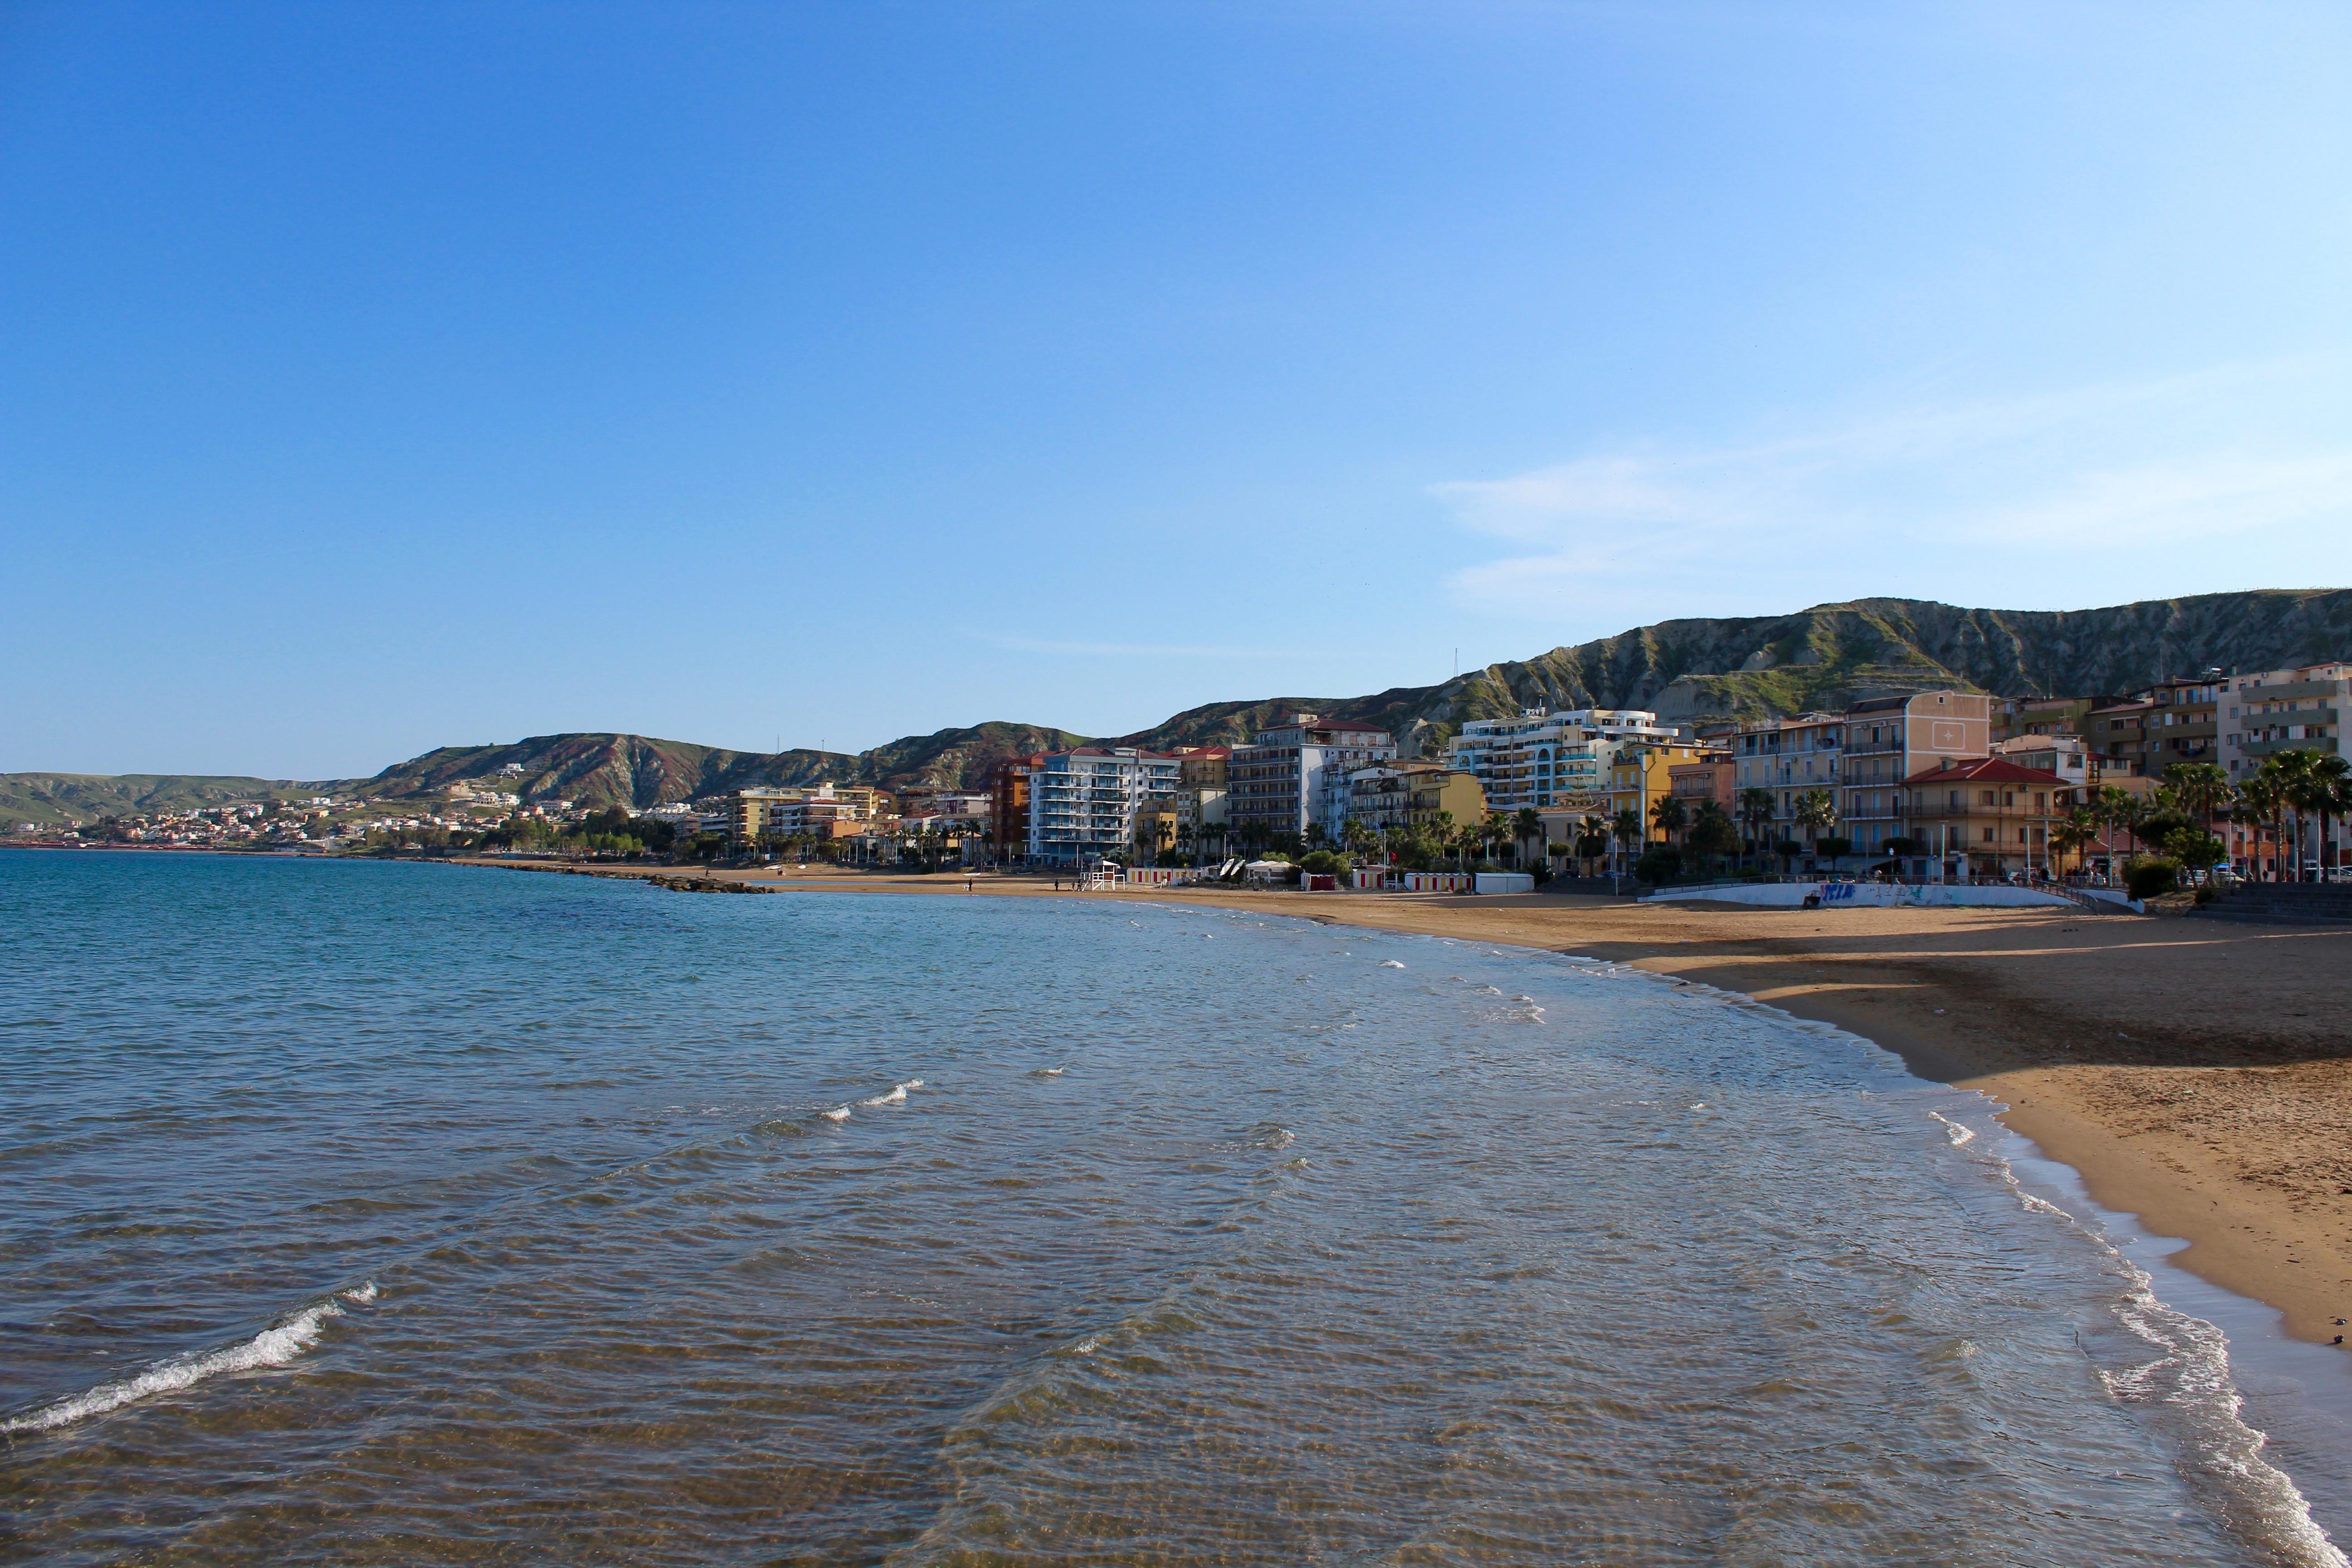 Centrum van Crotone aan de zee